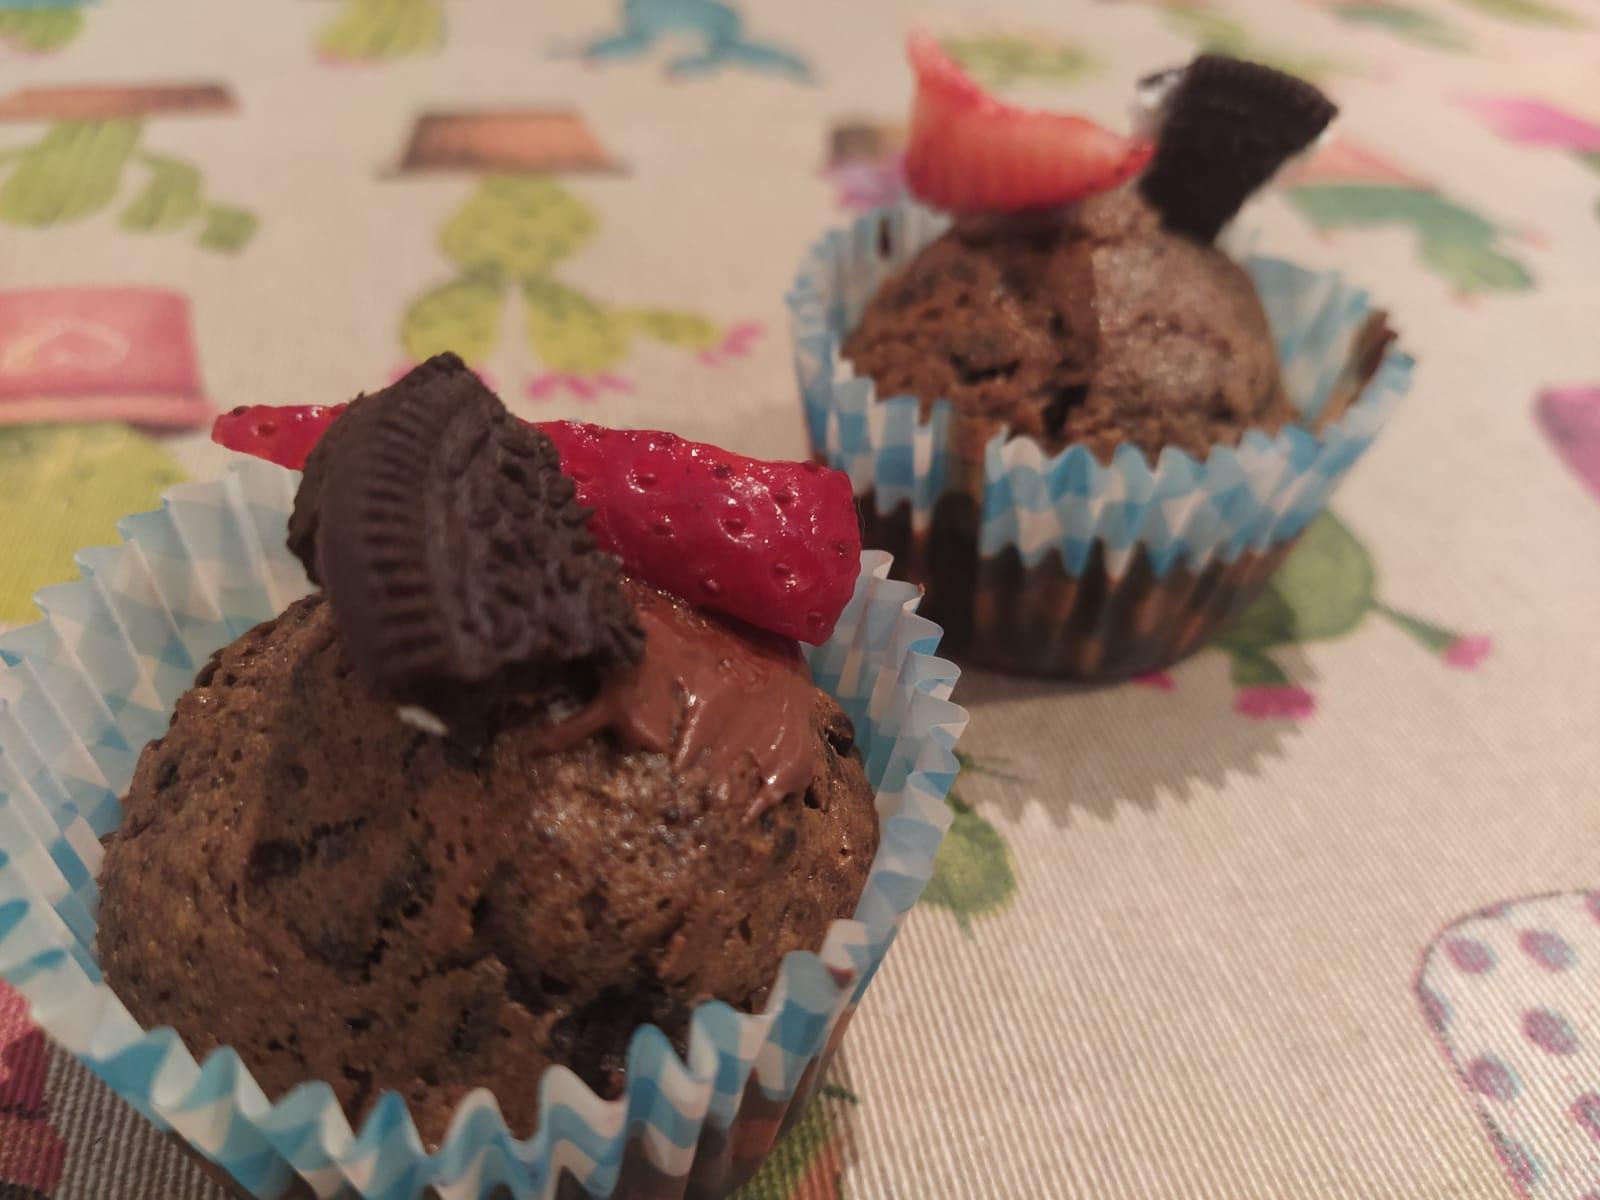 Presentación de la receta de Cupcakes oreo y fresa